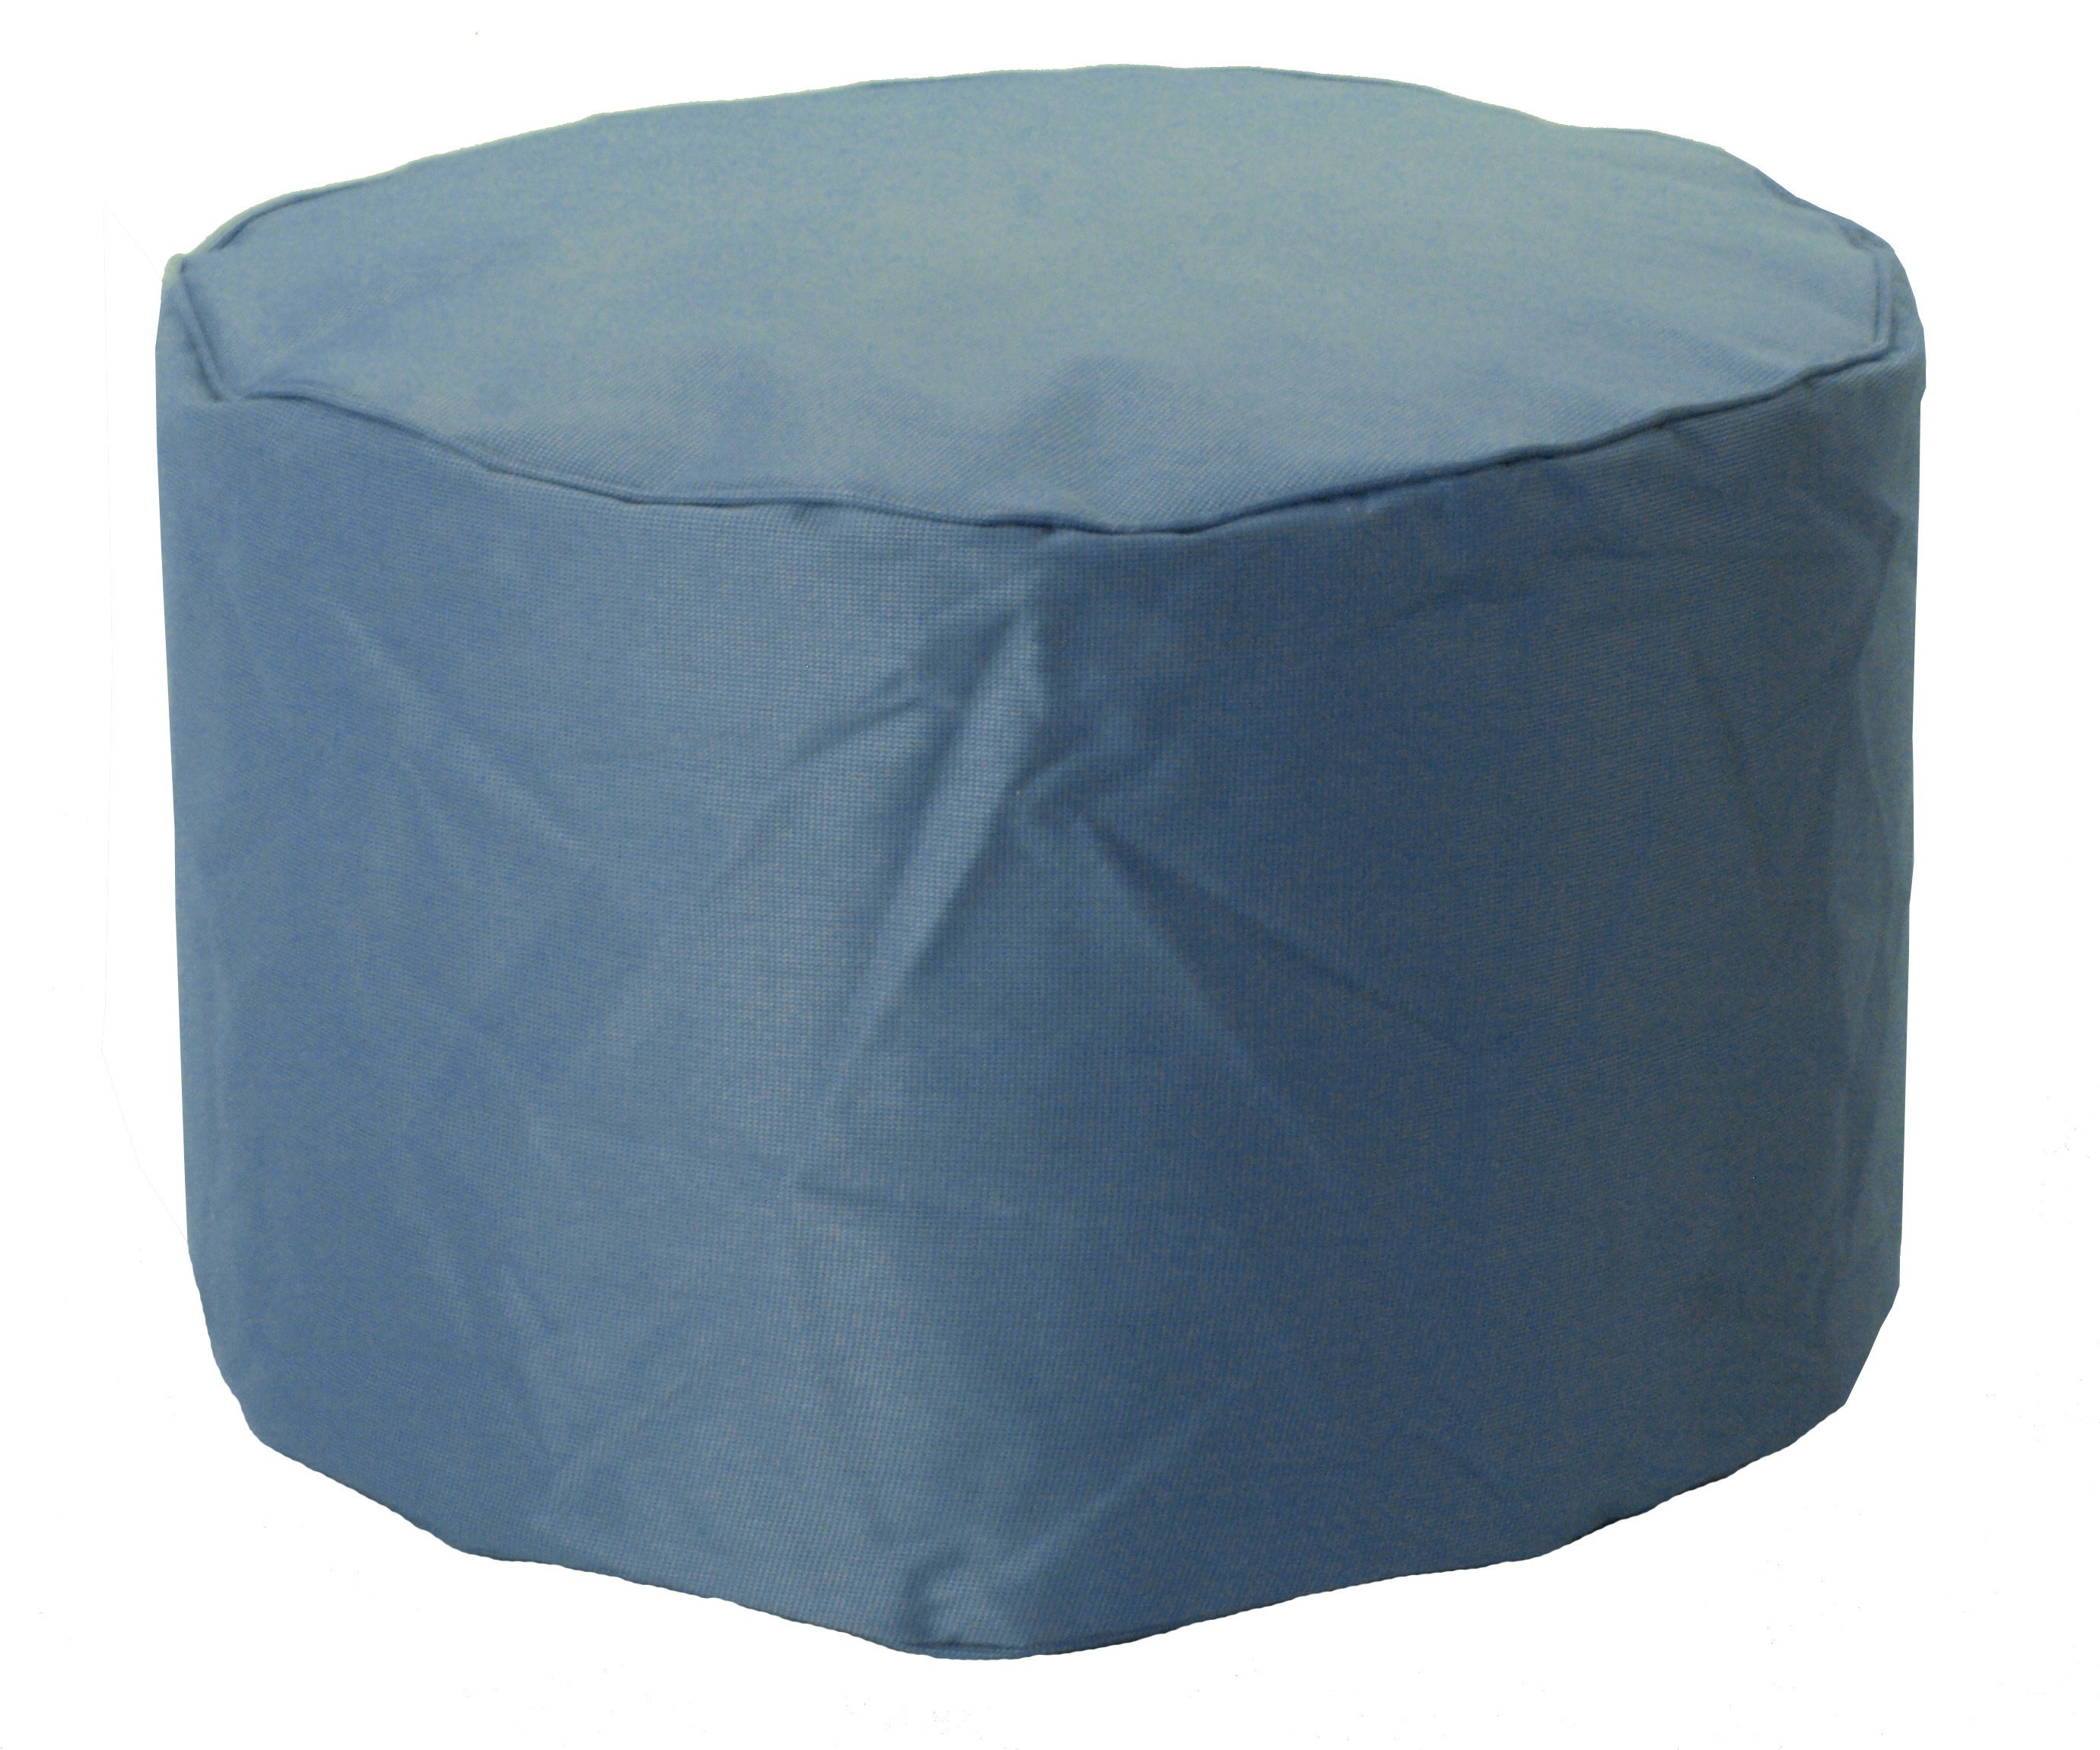 Kasper-Wohndesign Sitzsack Pouf verschiedene Farben »CHESS« | Wohnzimmer > Sessel > Sitzsaecke | Kasper-Wohndesign